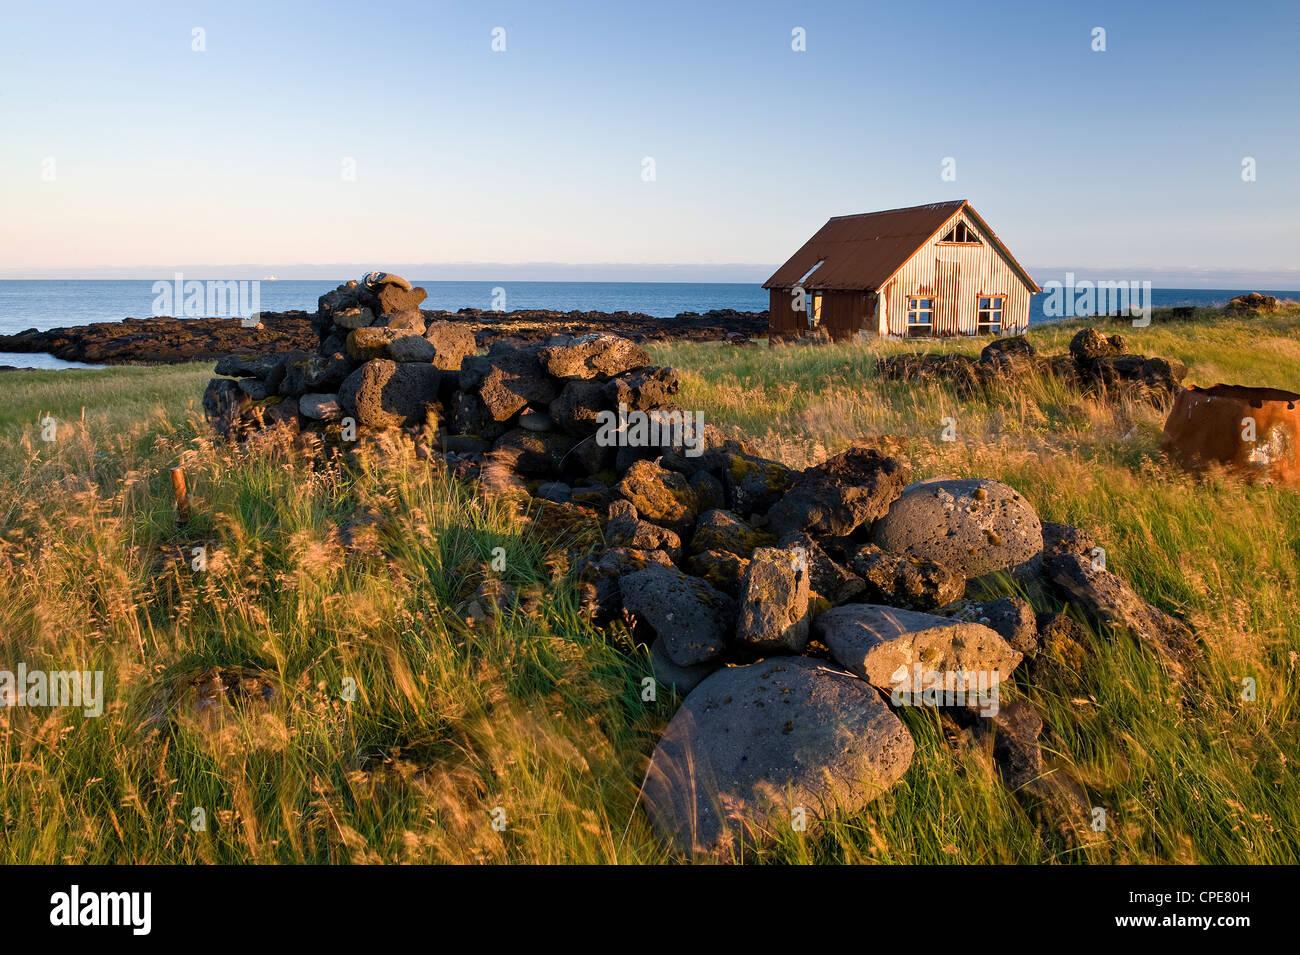 Malarriff, Snaefellsnes Peninsula, West Iceland, Iceland, Polar Regions - Stock Image